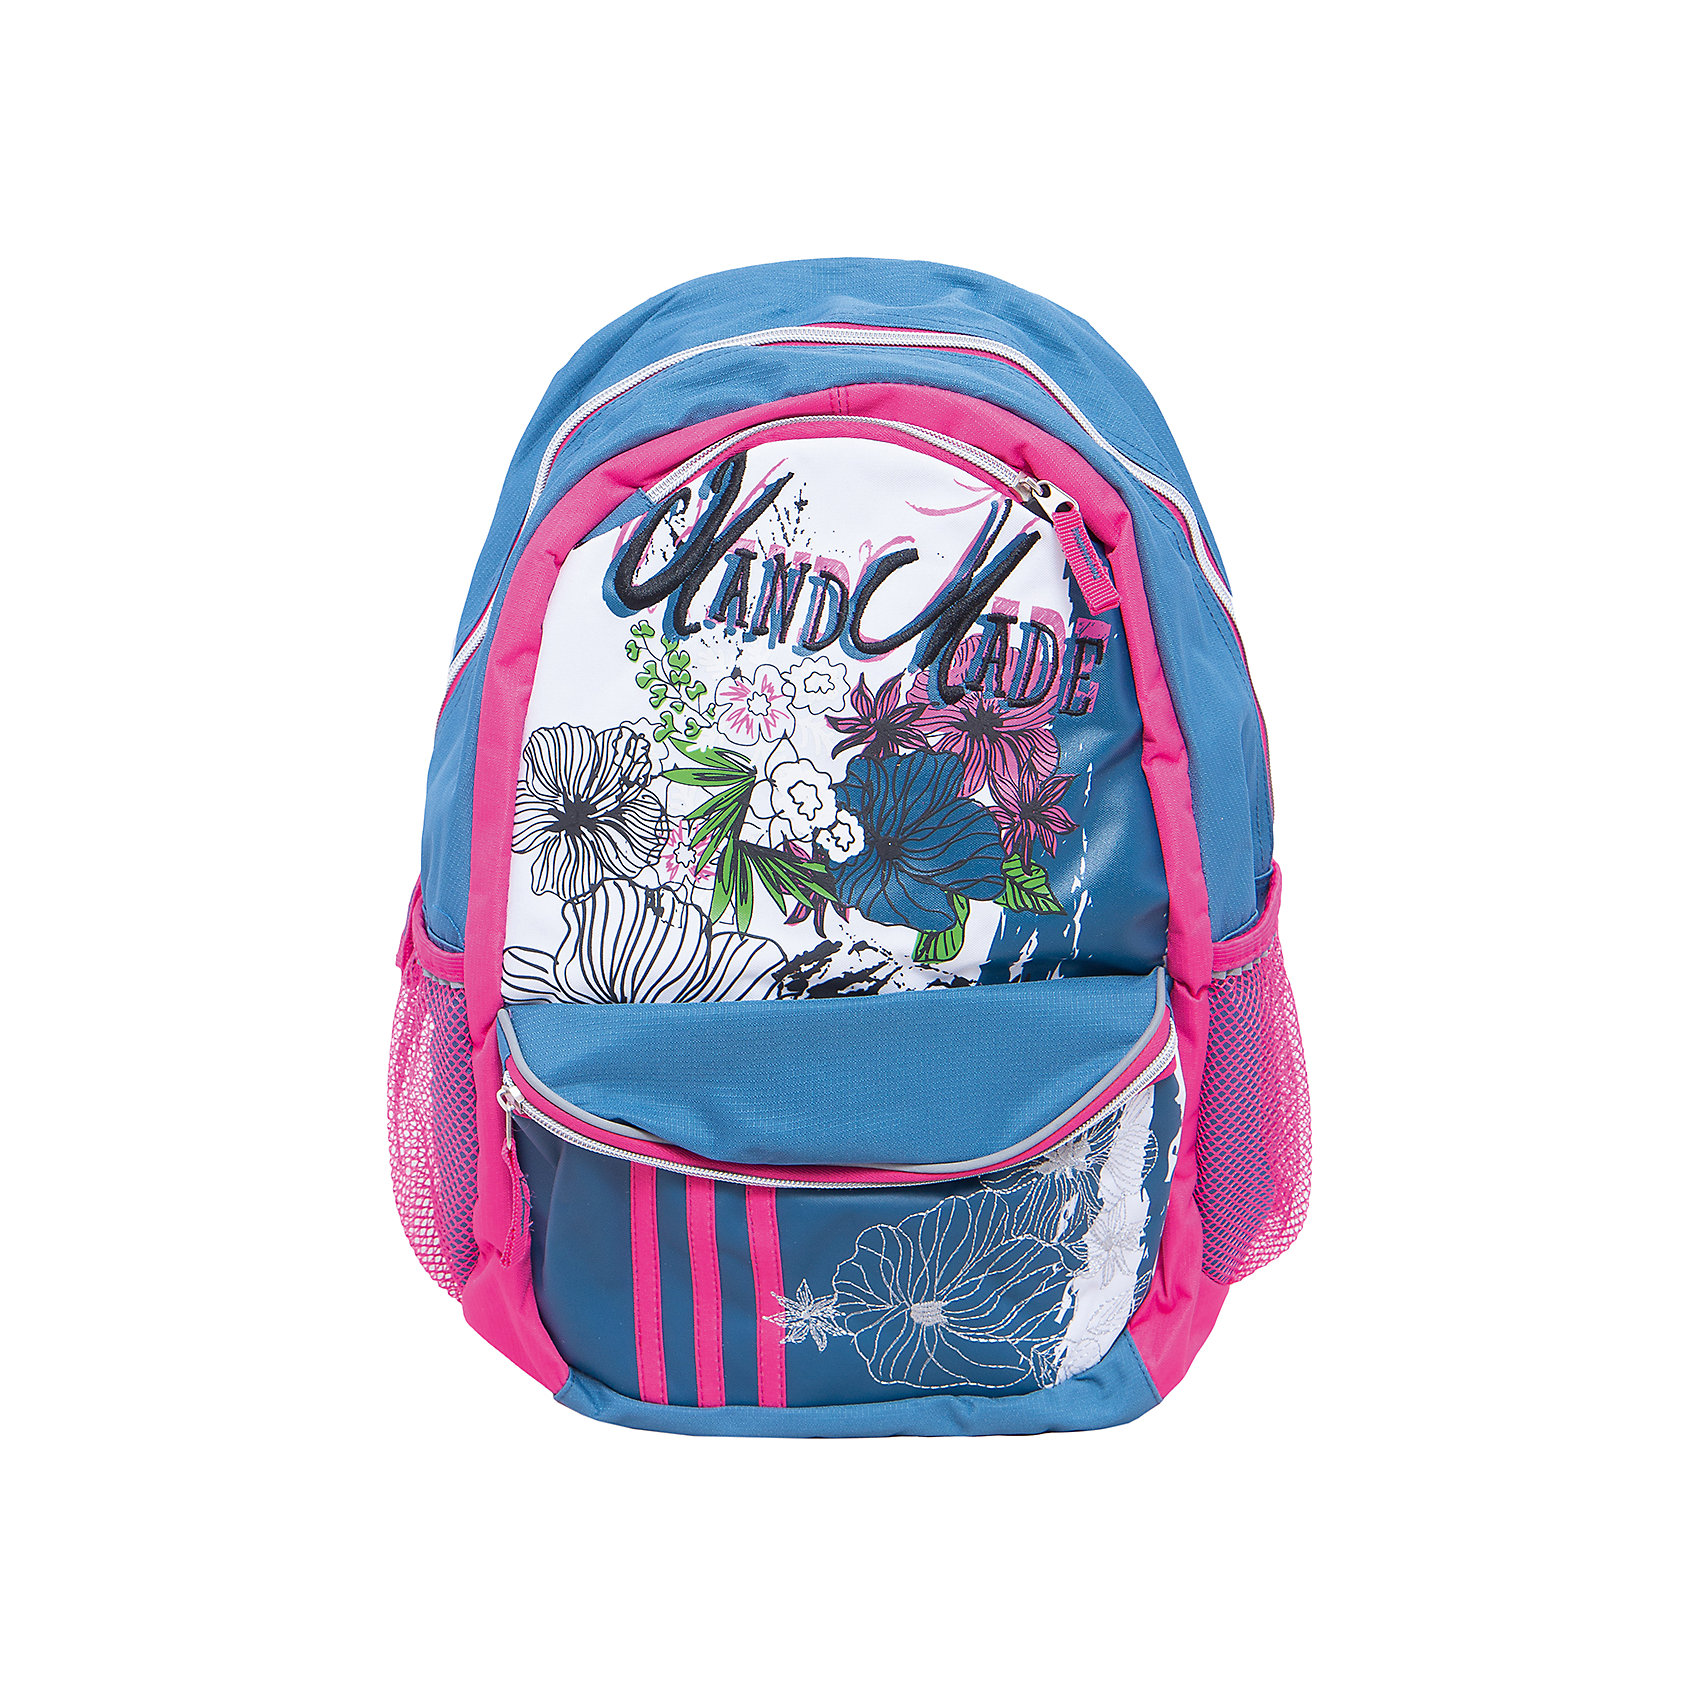 Школьный рюкзак BOO York, Мonster HighШкольные рюкзаки<br>Рюкзак Мonster High BOO York с изображением любимых героев мультфильма идеально подходит для похода девочки в школу. Он очень стильно выглядит и может вместить в себя всё необходимое для занятий.<br>В рюкзаке - одно большое основное отделение, также есть два удобных боковых кармана. Изделие дополнено светоотражающими элементами для повышения безопасности ребенка. На рюкзаке - удобные широкие лямки, петля, ручка для переноса. Застегивается на молнию. Изделие произведено из качественных и безопасных для ребенка материалов.<br><br>Дополнительная информация:<br><br>цвет: разноцветный;<br>материал: нейлон, полиэстер;<br>вес: 750 г;<br>широкие лямки;<br>боковые карманы.<br><br>Школьный рюкзак BOO York, Мonster High можно купить в нашем магазине.<br><br>Ширина мм: 170<br>Глубина мм: 315<br>Высота мм: 380<br>Вес г: 750<br>Возраст от месяцев: 72<br>Возраст до месяцев: 144<br>Пол: Женский<br>Возраст: Детский<br>SKU: 4743942